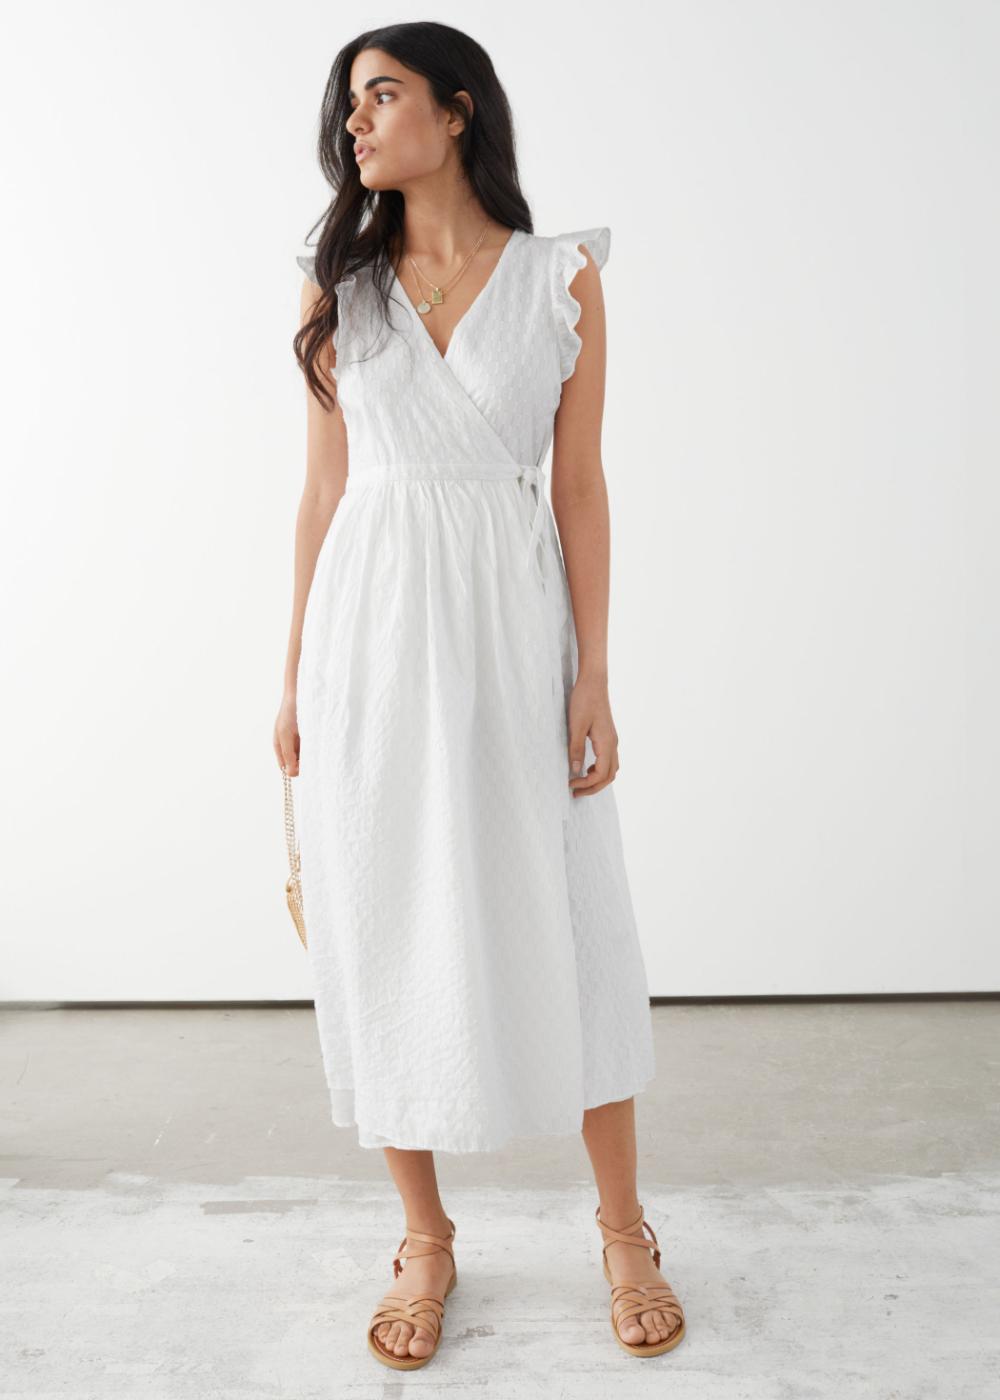 Ruffled Midi Wrap Dress Dresses Midi Dress Midi Wrap Dress [ 1400 x 1000 Pixel ]